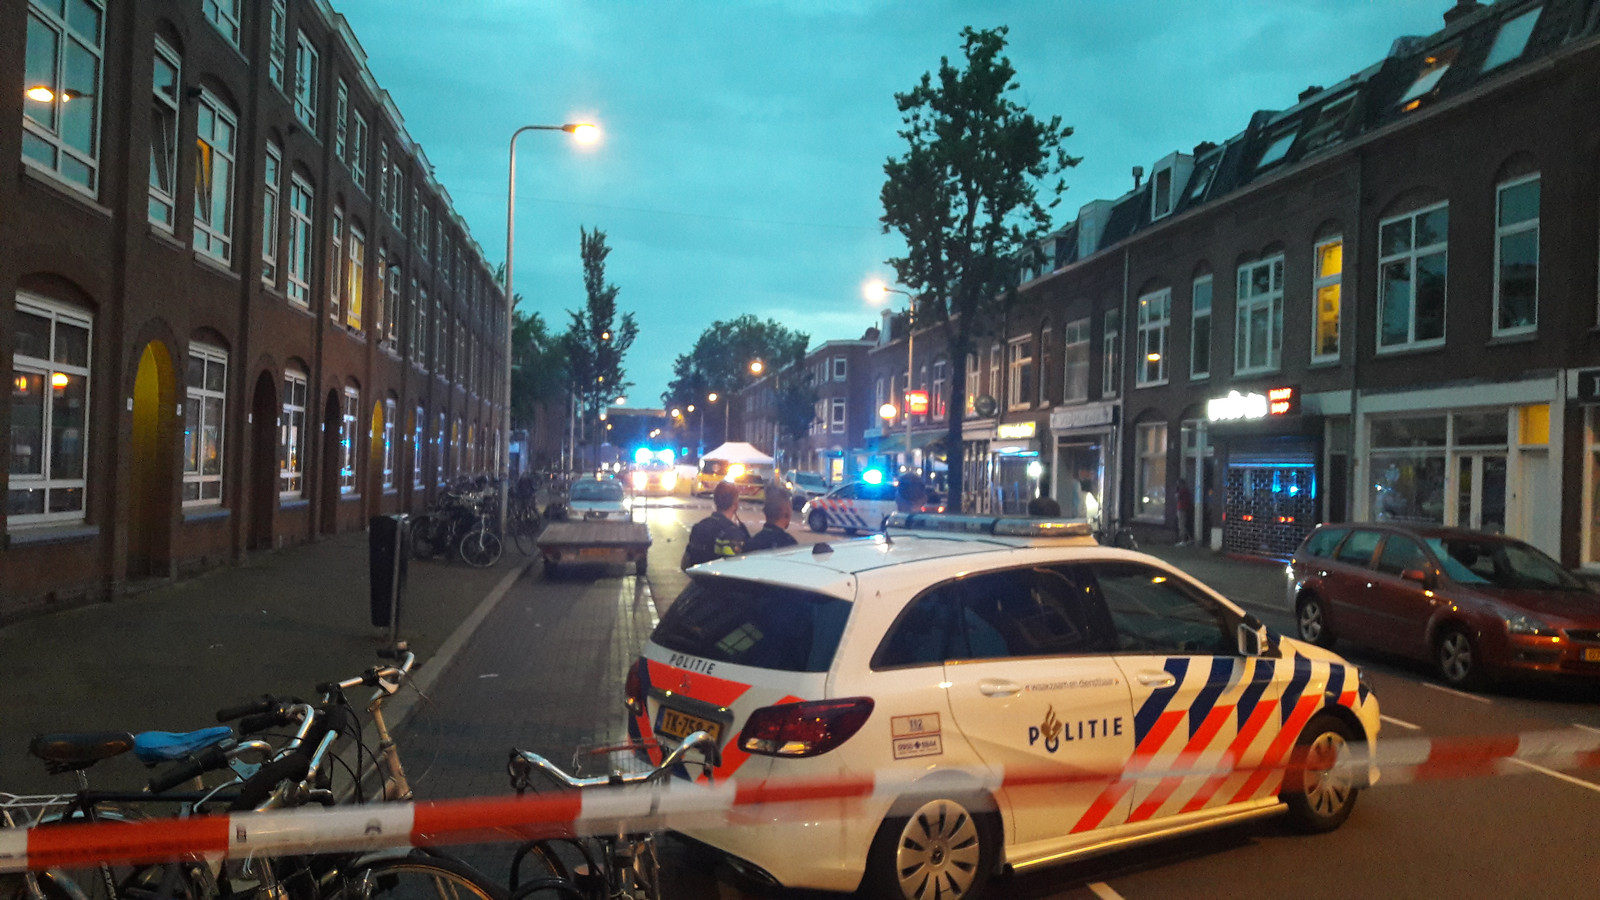 De politie doet onderzoek op de Kanaalstraat na de schietpartij.